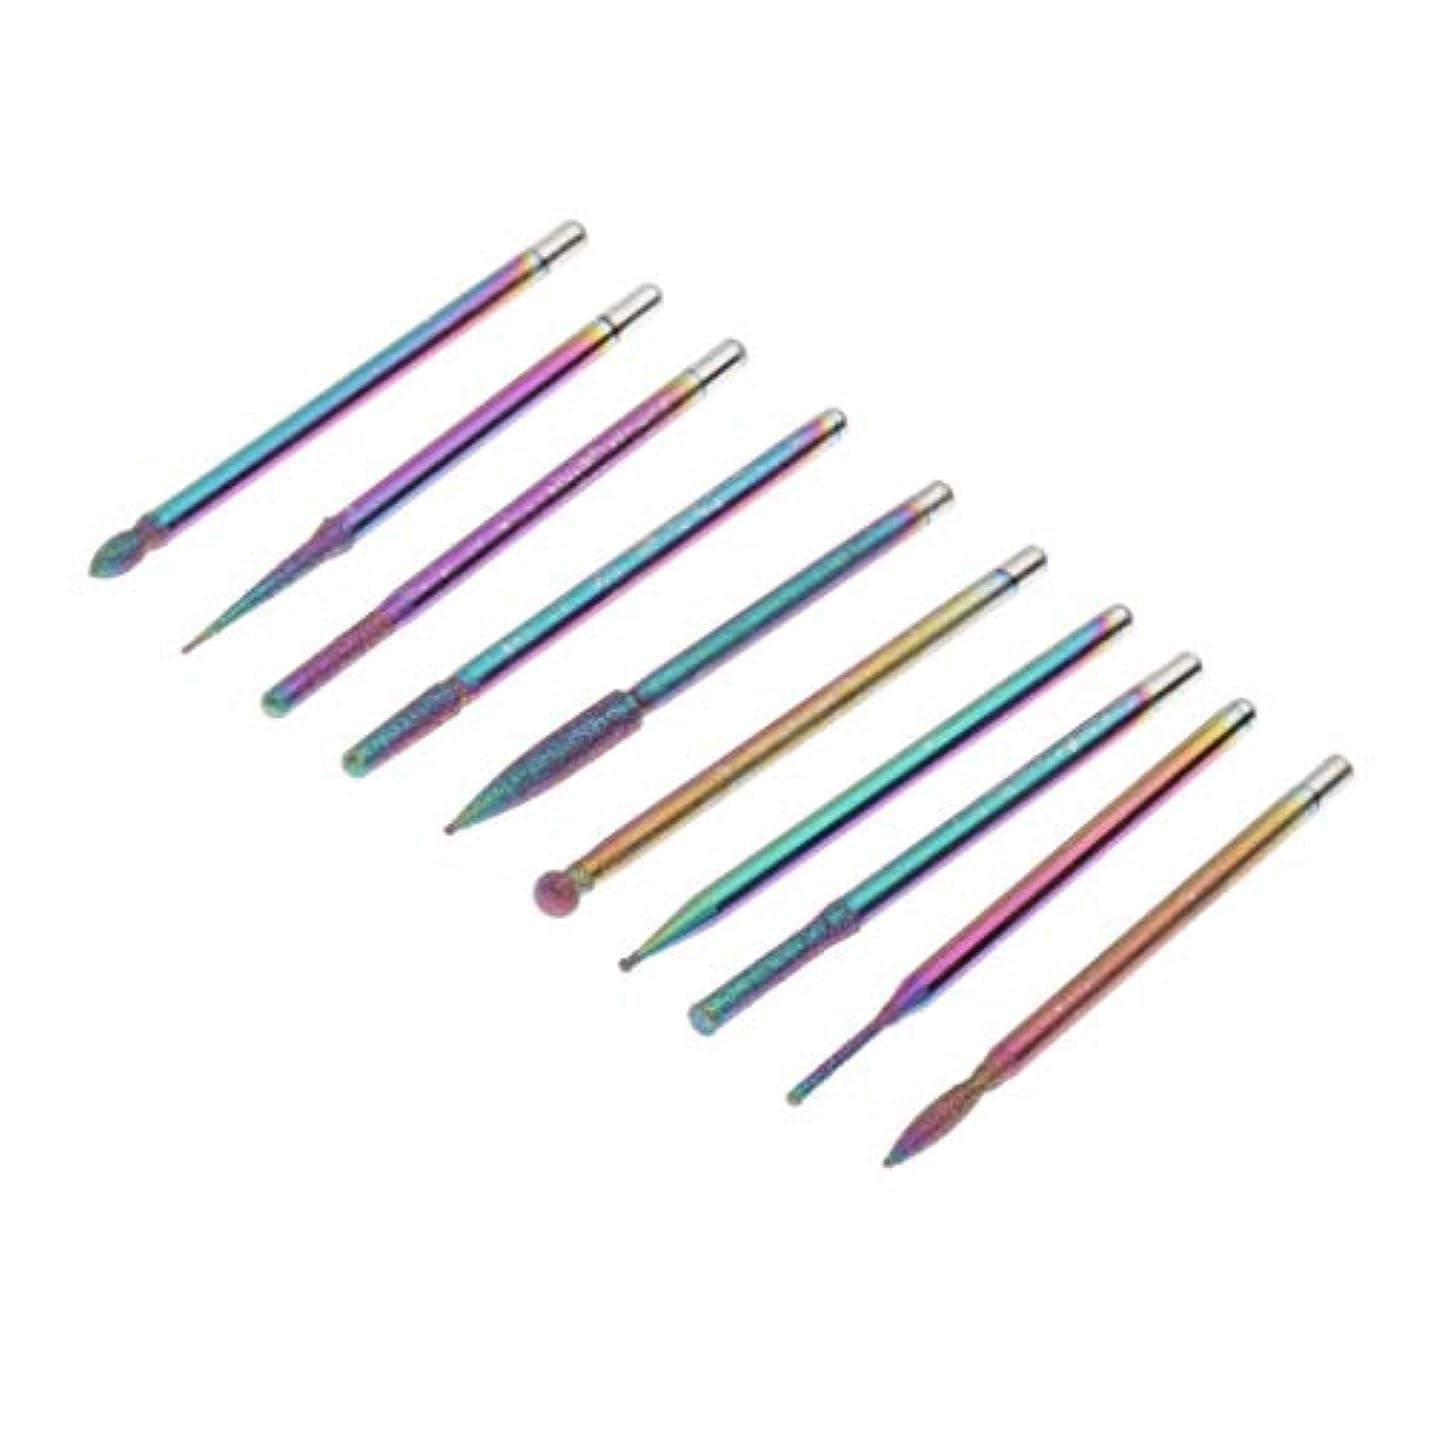 誓約消化器却下するSM SunniMix ネイルアート ドリルビット セット 研削ヘッド 研磨ヘッド ネイルビット 爪磨き ツール 約10個 全3色 - 03